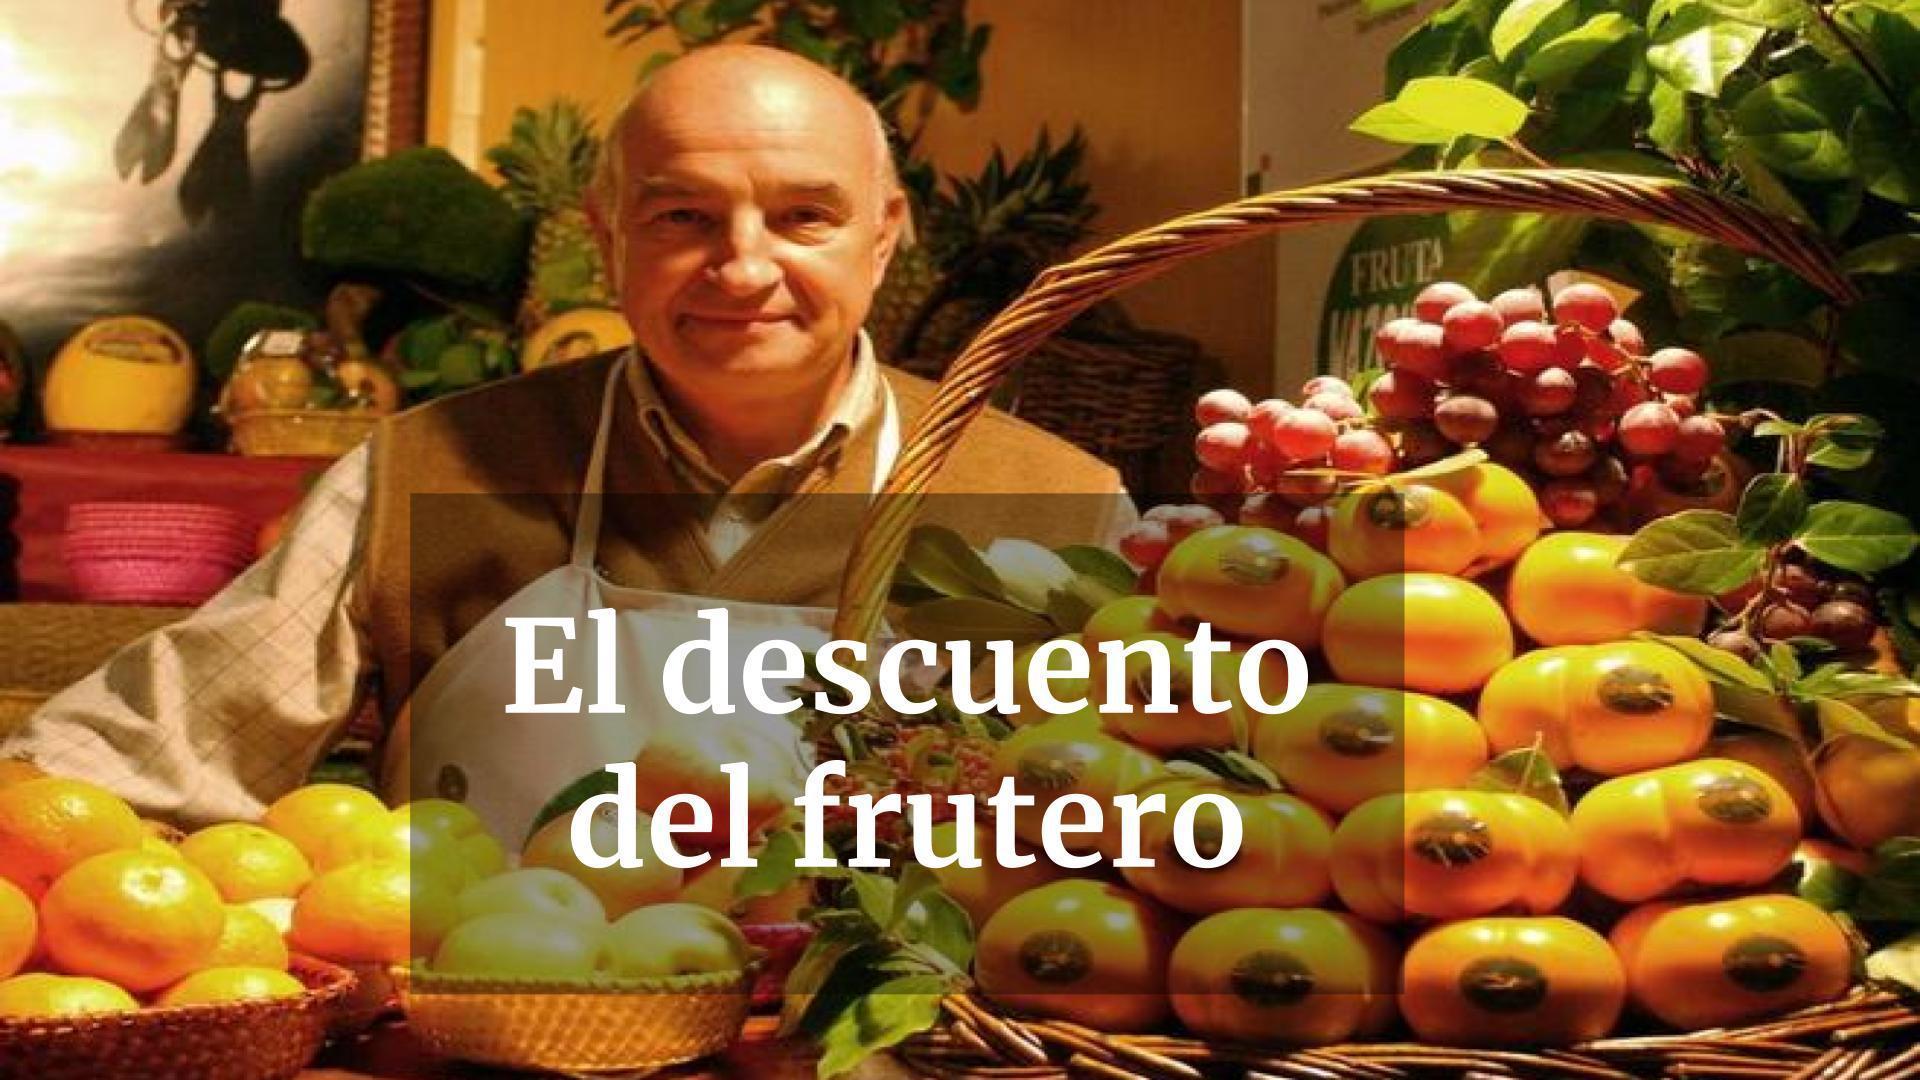 el descuento del frutero